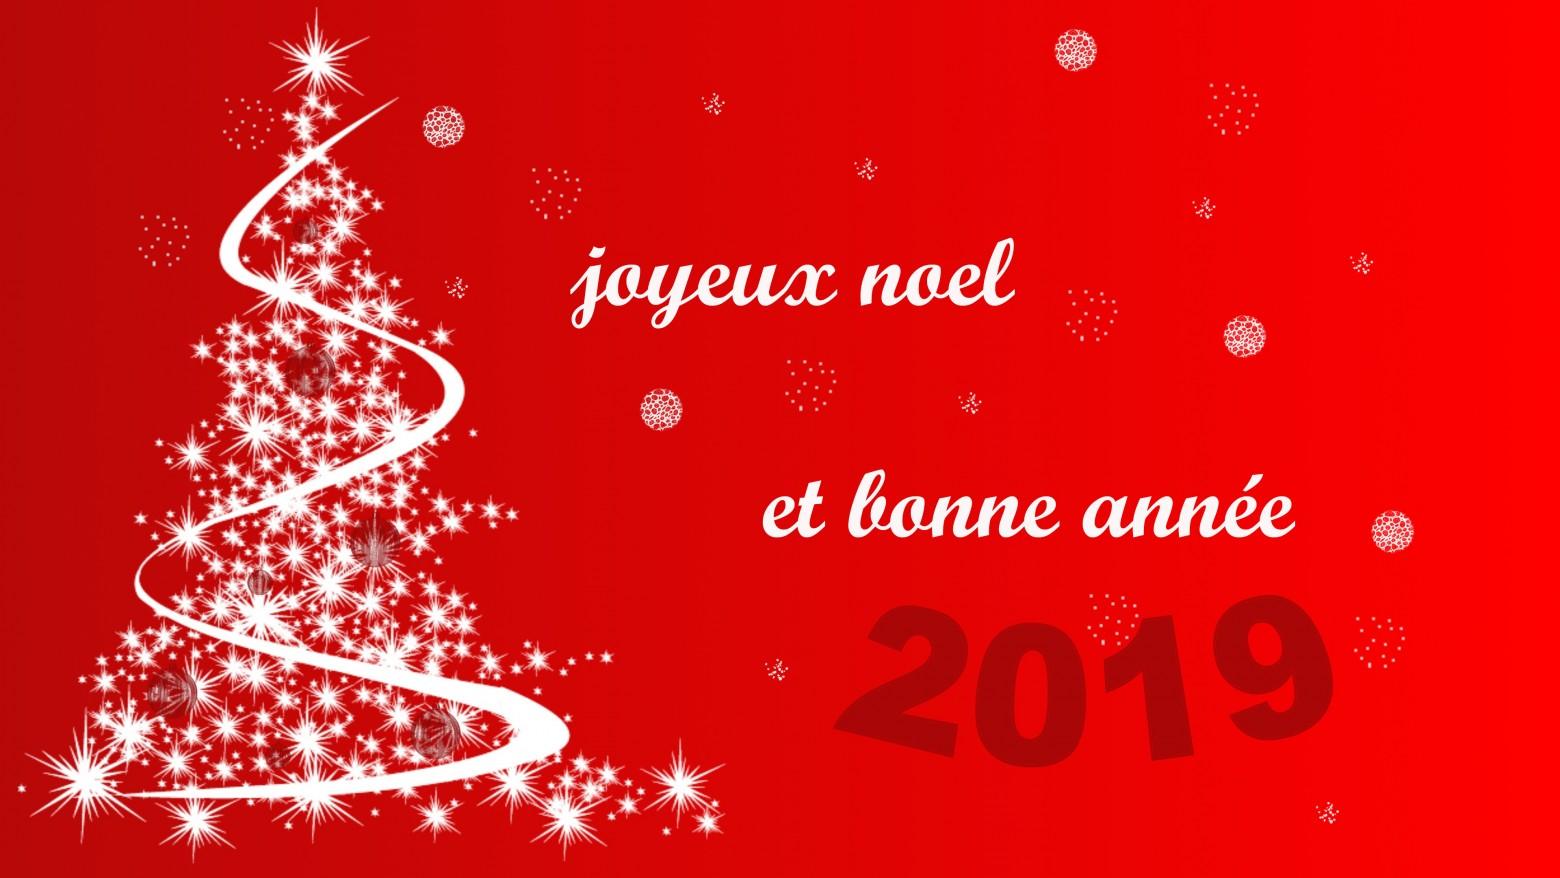 Image De Joyeux Noel 2019.Bonne Annee 2019 Images Gratuites Joyeux Noel Et Bonne